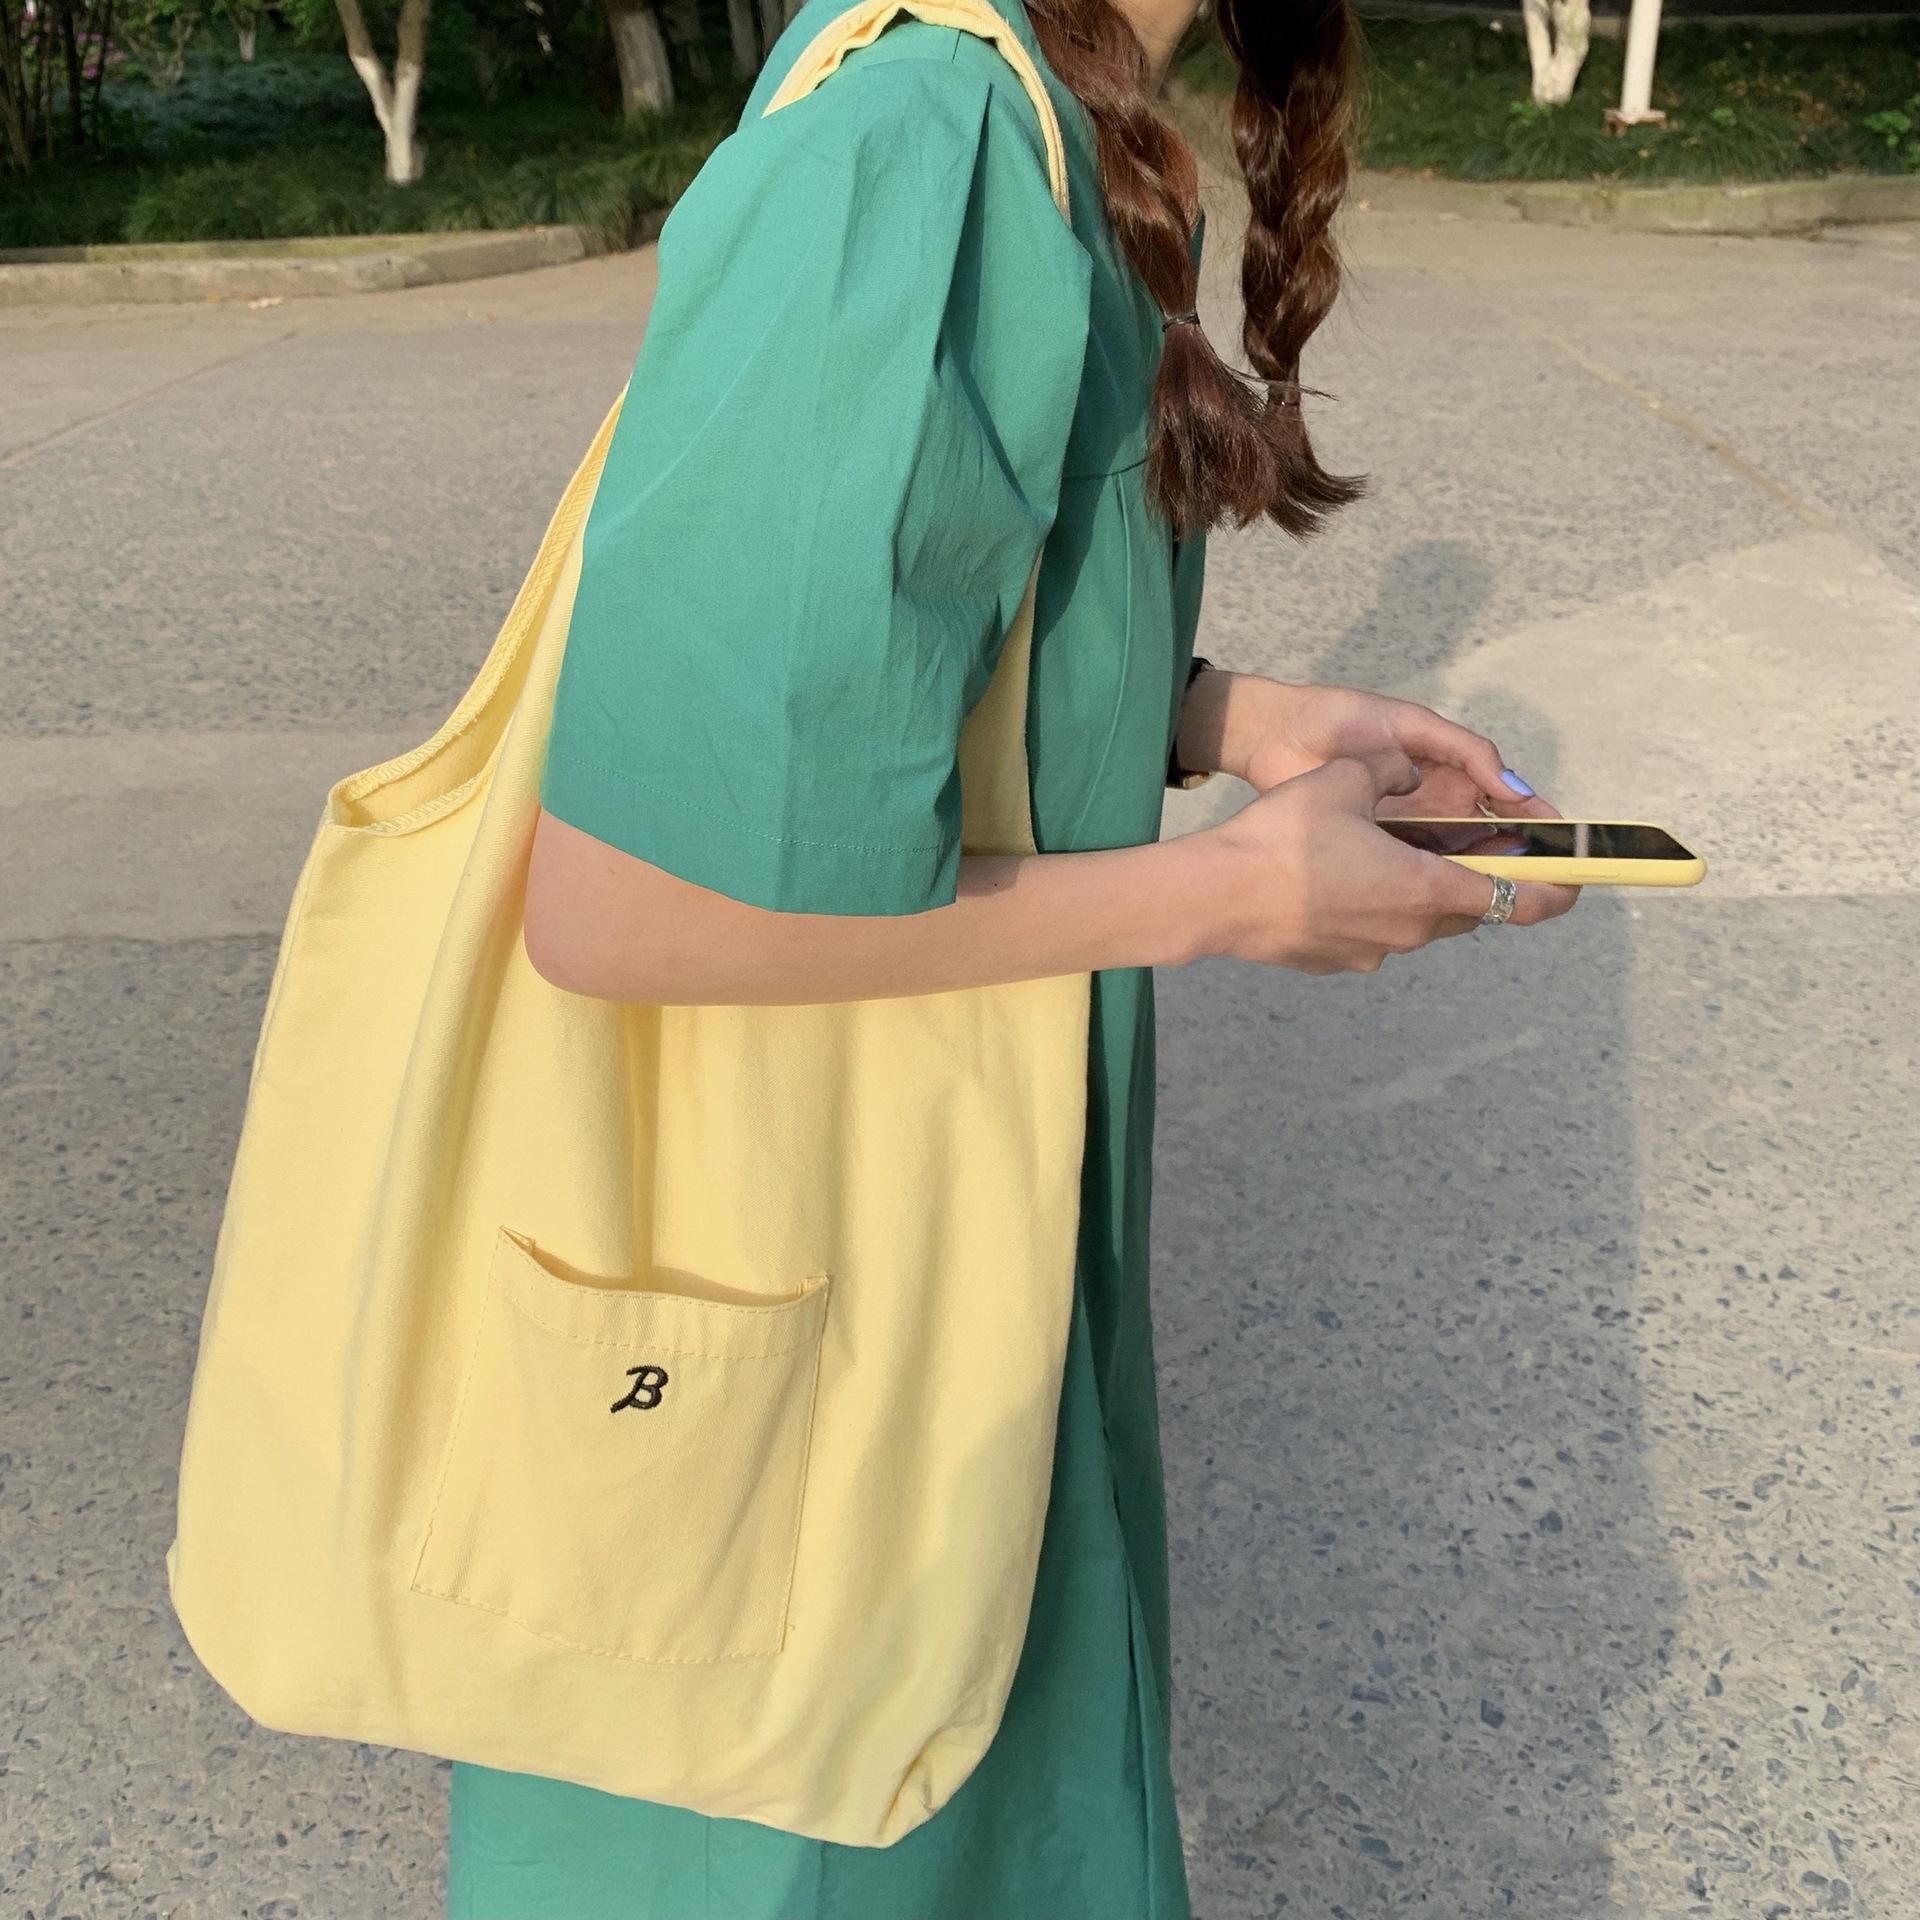 黄色糖果包 韩国chic新款糖果鹅黄色大容量购物袋奶黄帆布包ins少女单肩包袋_推荐淘宝好看的黄色糖果包